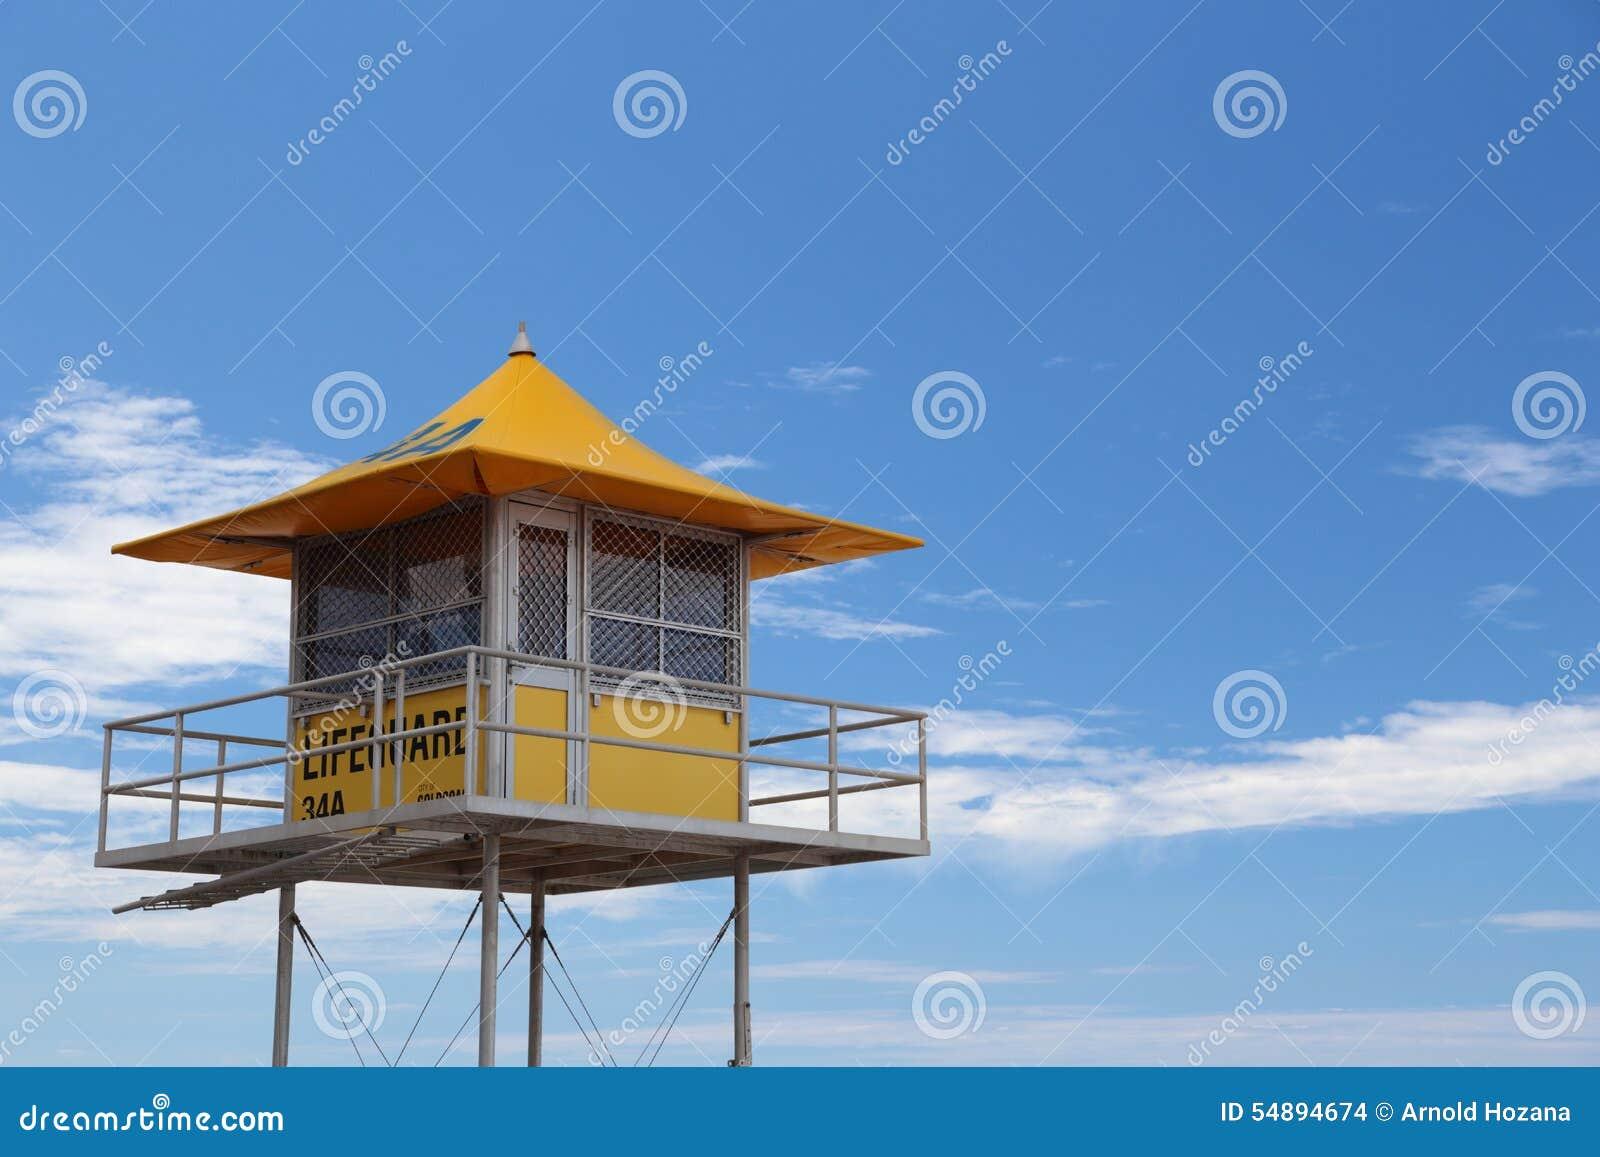 Salva-vidas Hut em Gold Coast